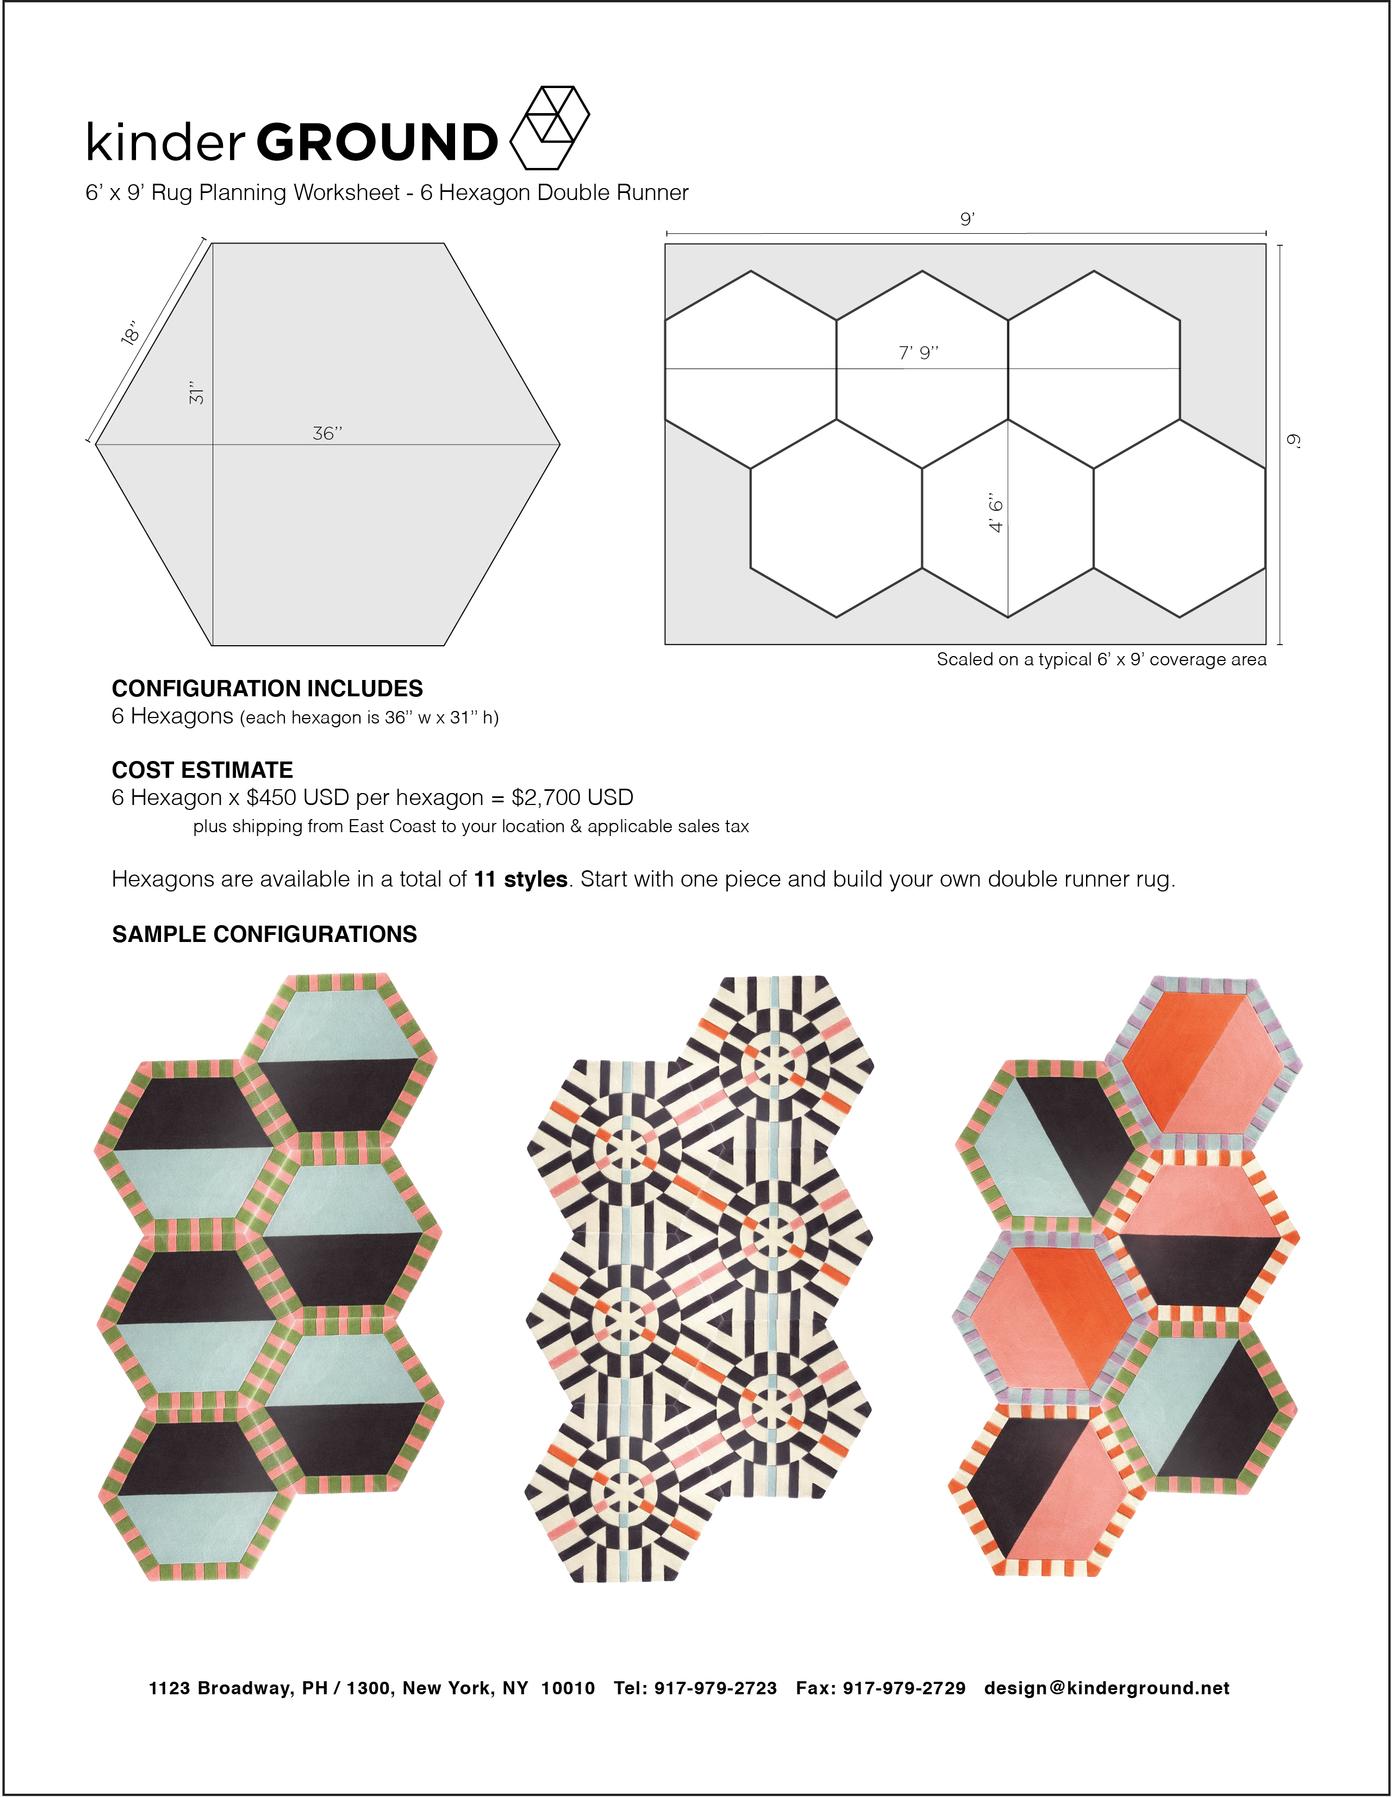 6-Hexagon Double Runner